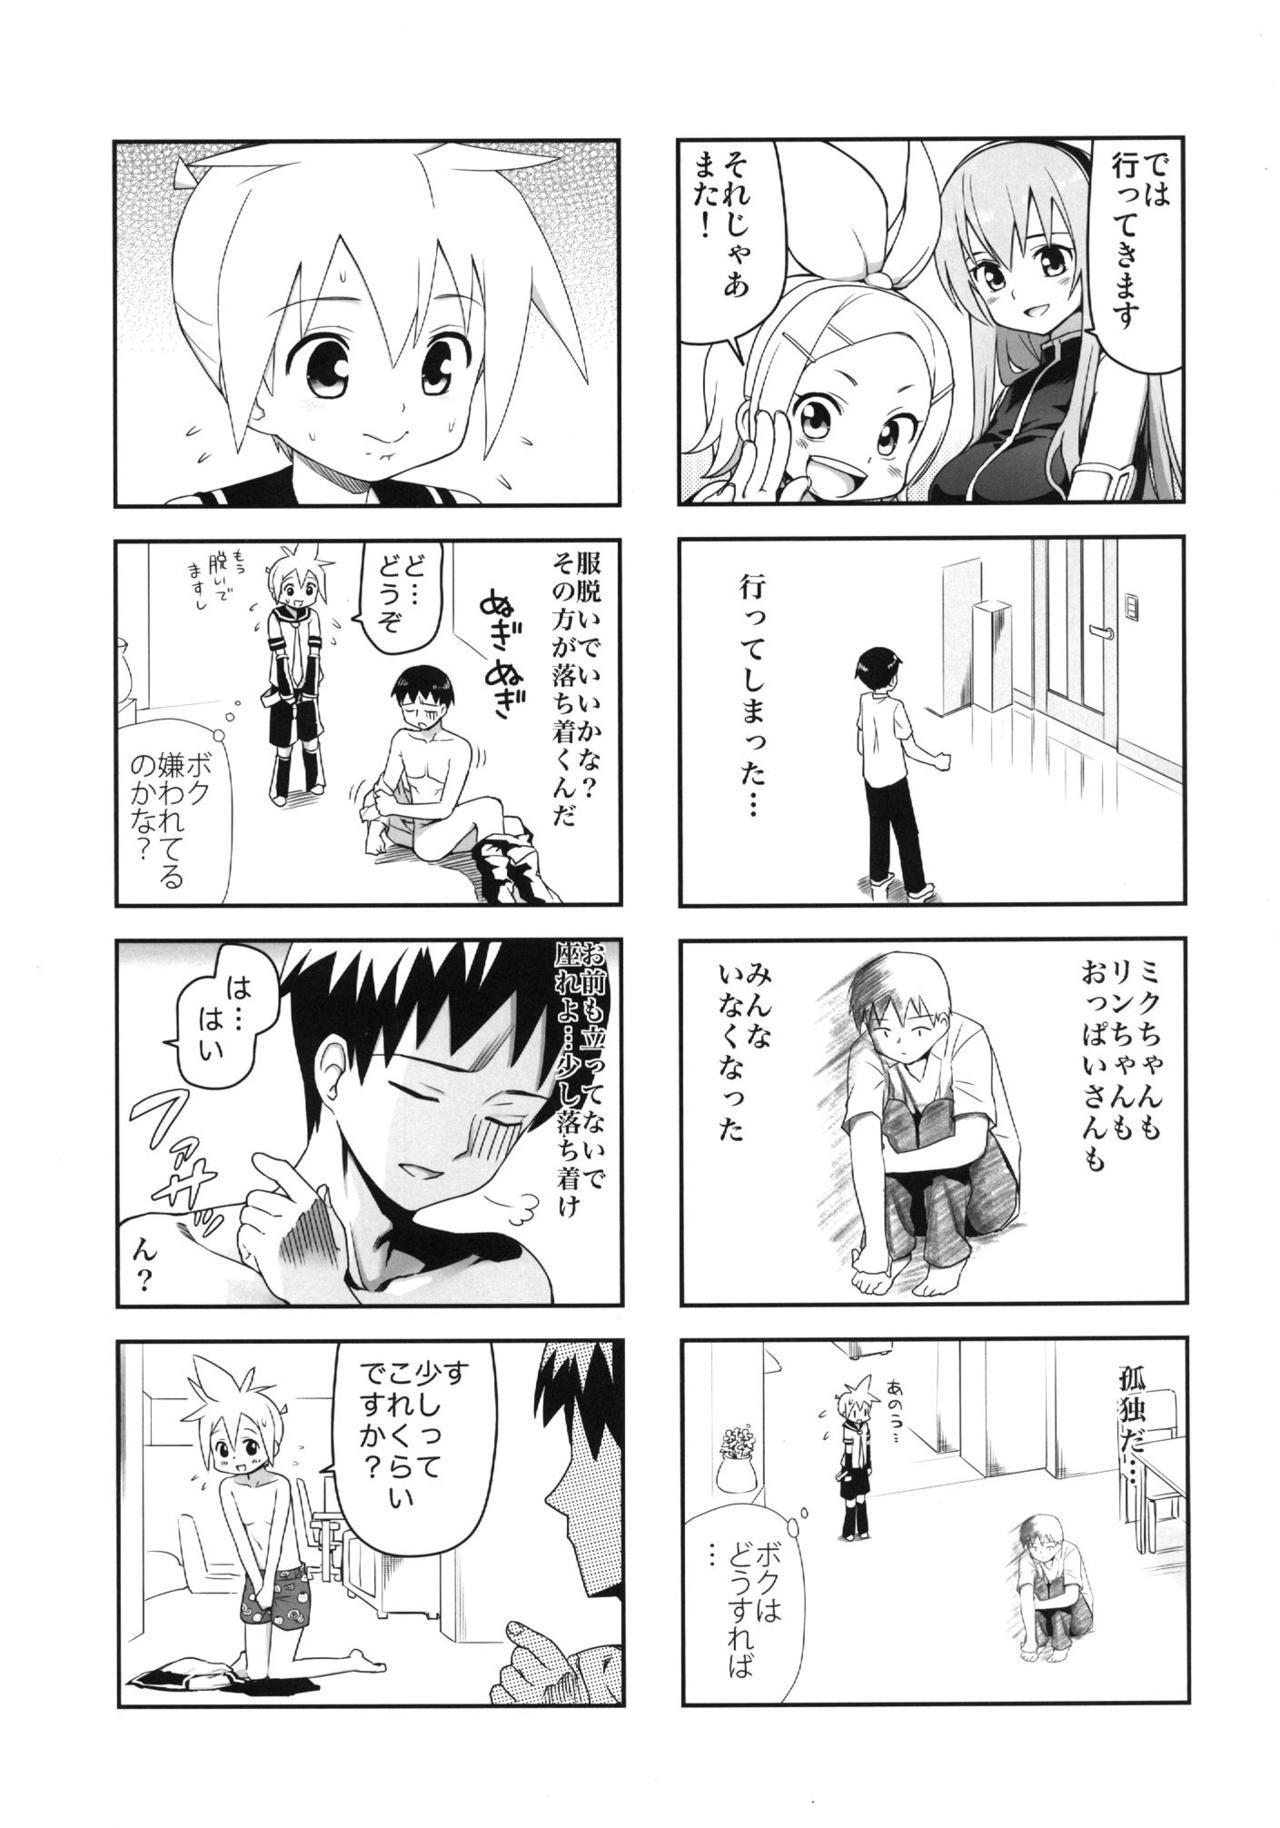 Mikkumiku na Hannou volume. 5 9